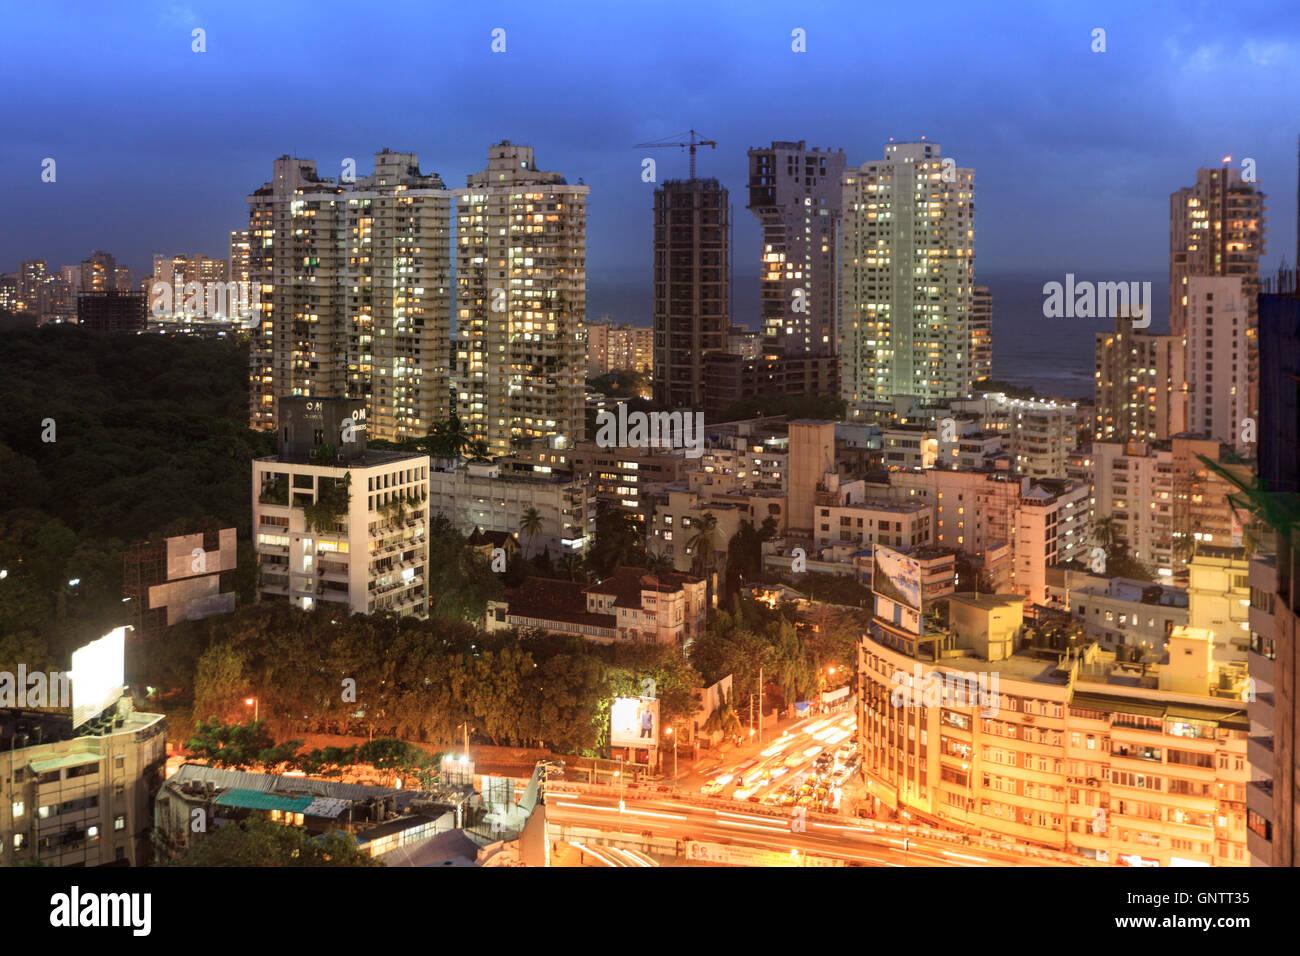 La circulation en centre-ville de Mumbai et bayside downtown district autour de Malabar Hills tourné à Photo Stock